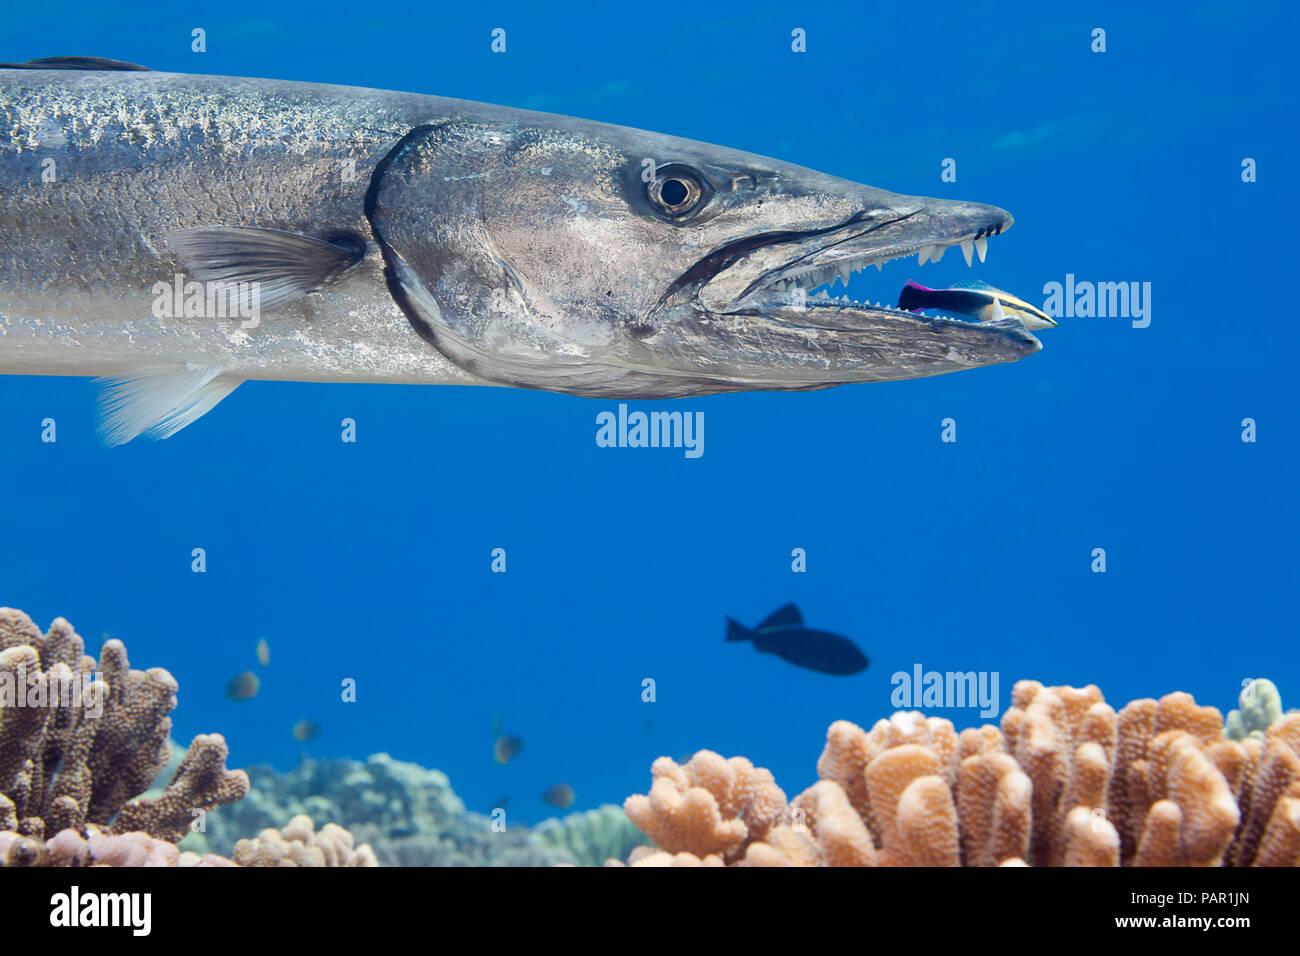 Grande barracuda, Sphyraena barracuda, può arrivare fino a sei metri di lunghezza. Questo individuo viene pulita mediante un endemico Hawaiian wrasse, Foto Stock